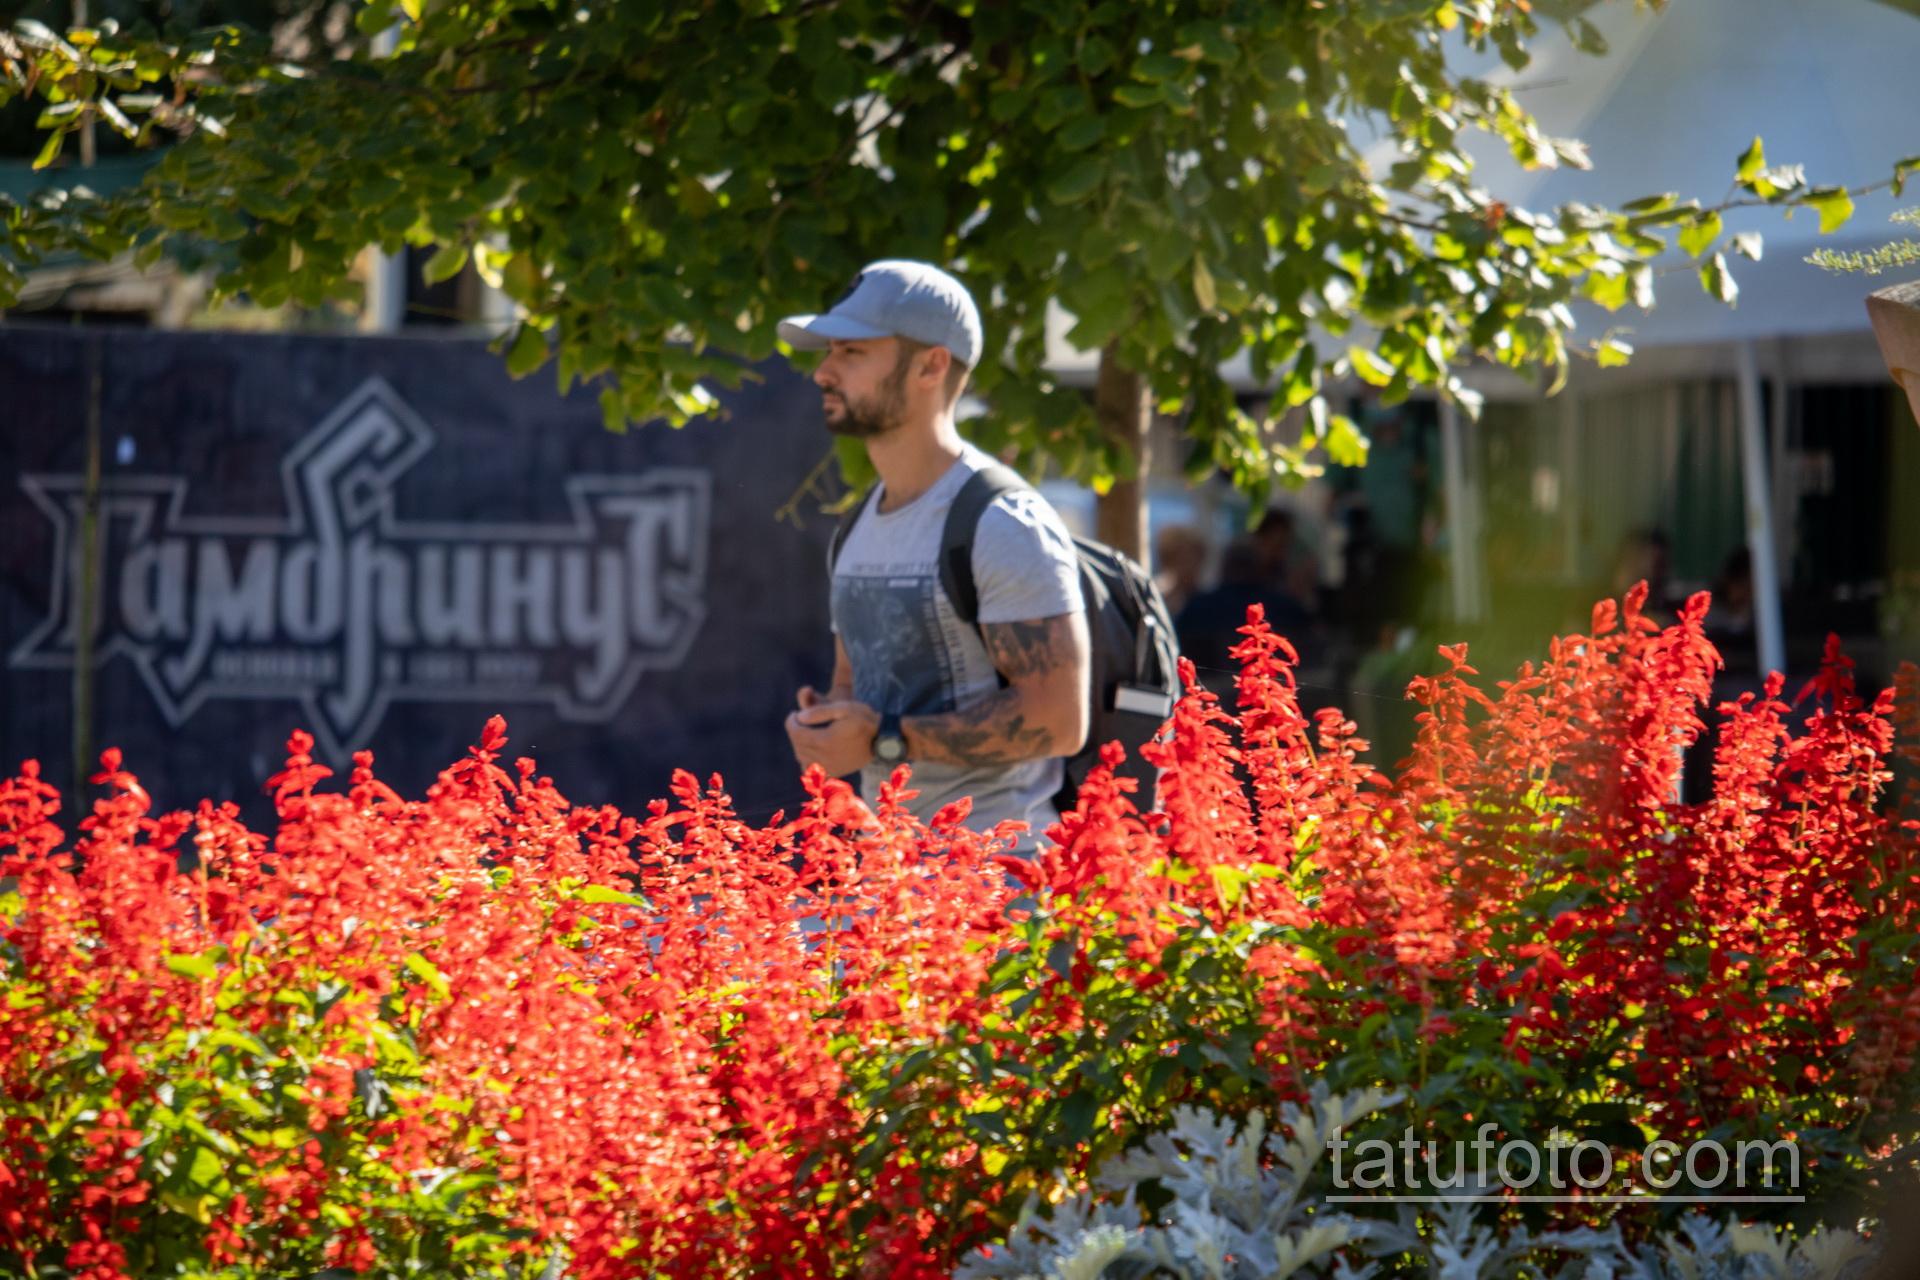 Тату с лесом – горами и птицами в рукаве у парня - Уличная татуировка 14.09.2020 – tatufoto.com 3